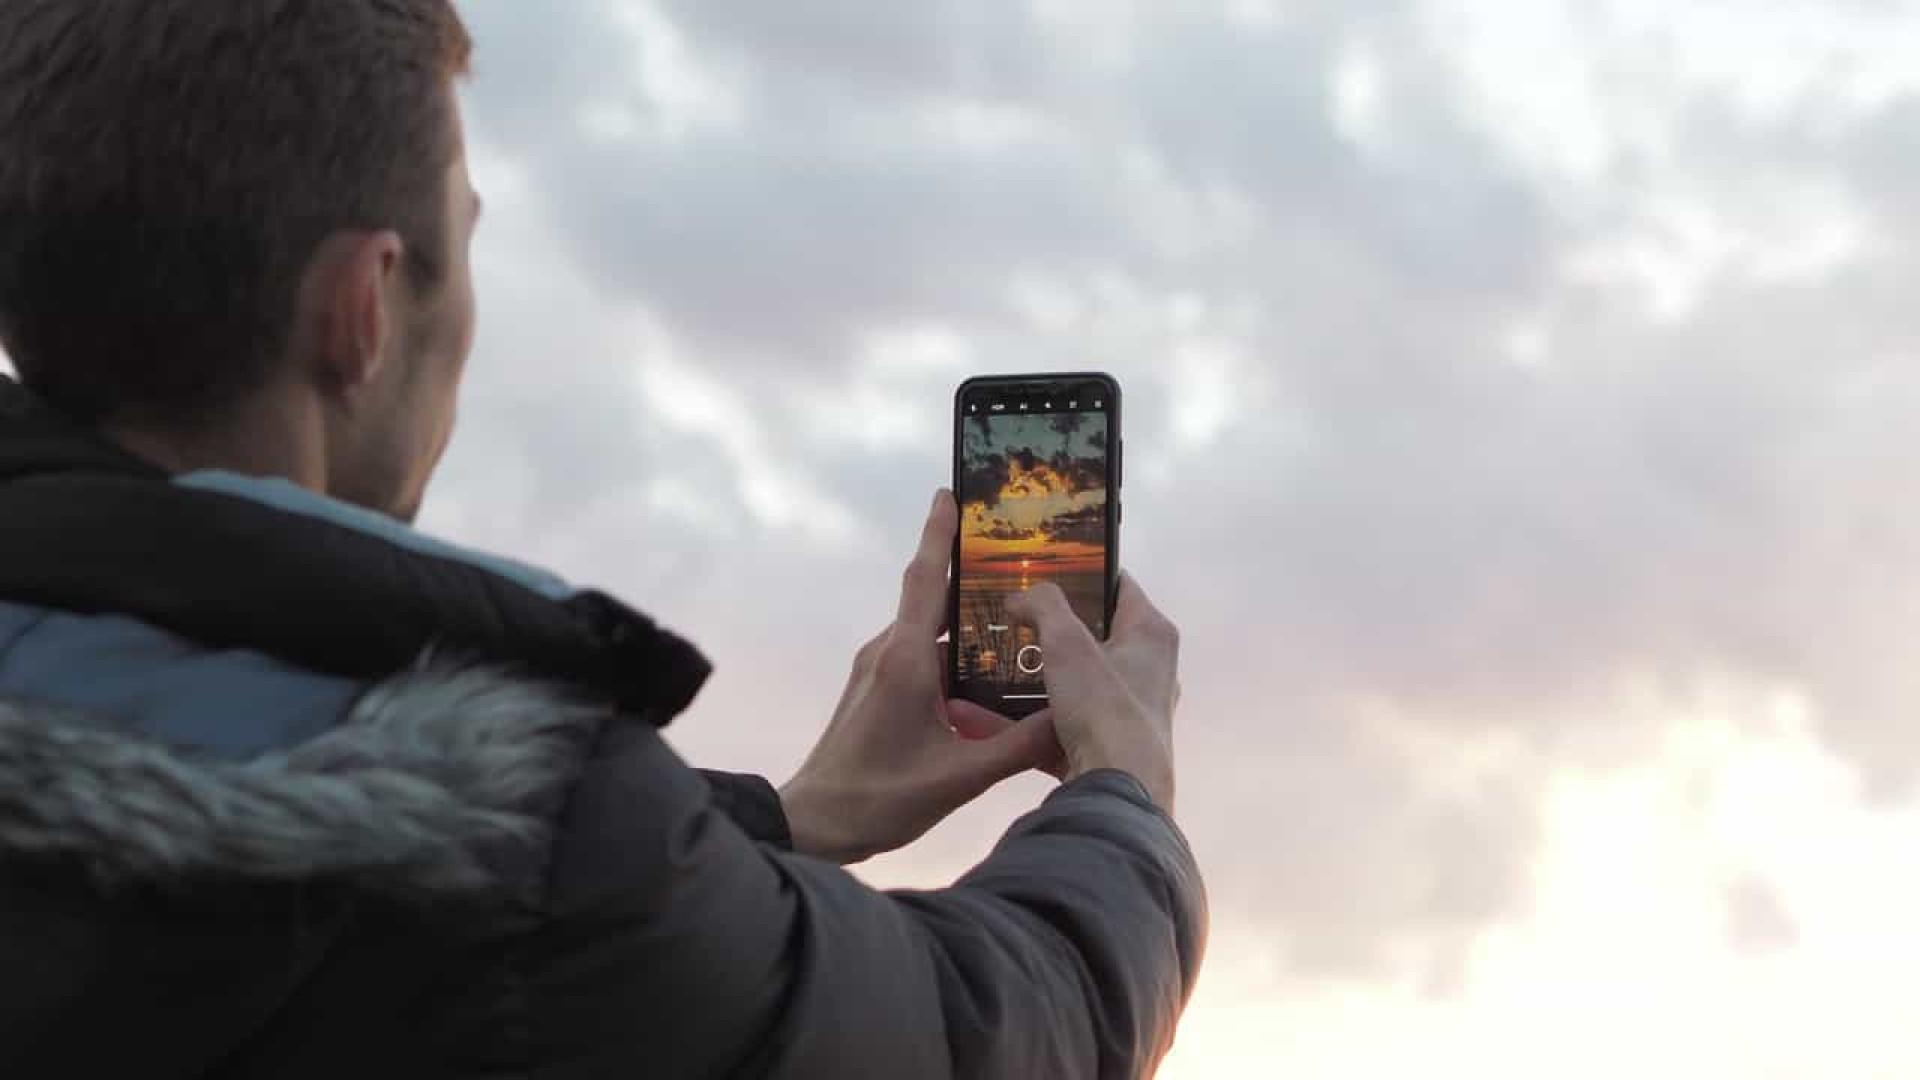 Fotógrafo dá dicas de como tirar as melhores fotos noturnas pelo celular